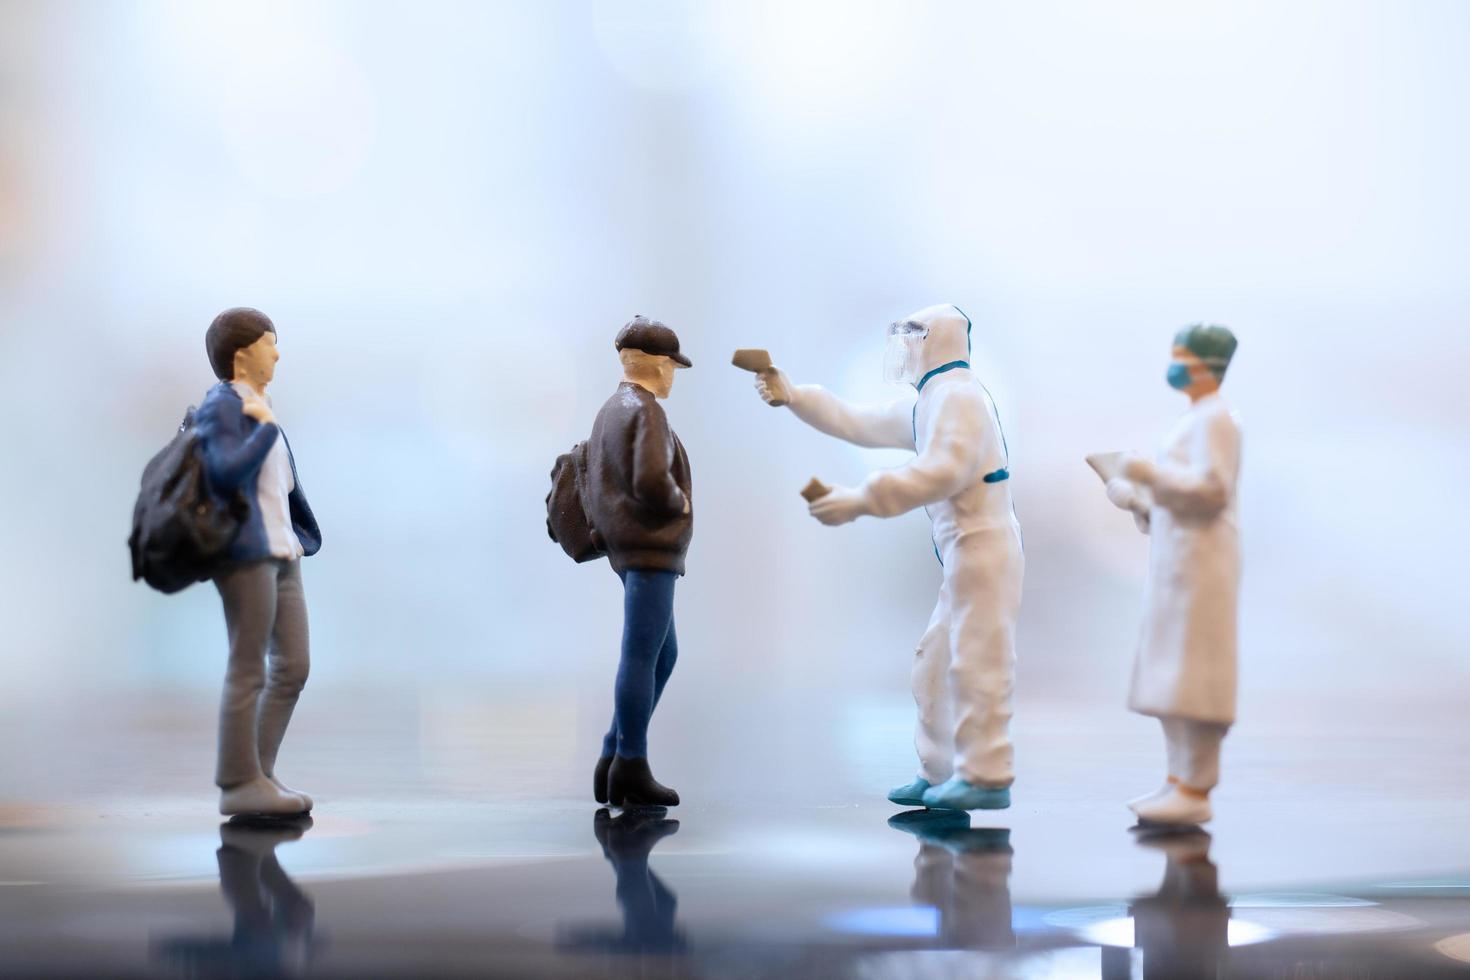 Miniaturarzt, der eine Gesichtsmaske während des Coronavirus- und Grippeausbruch-, Virus- und Krankheitsschutzkonzepts trägt foto